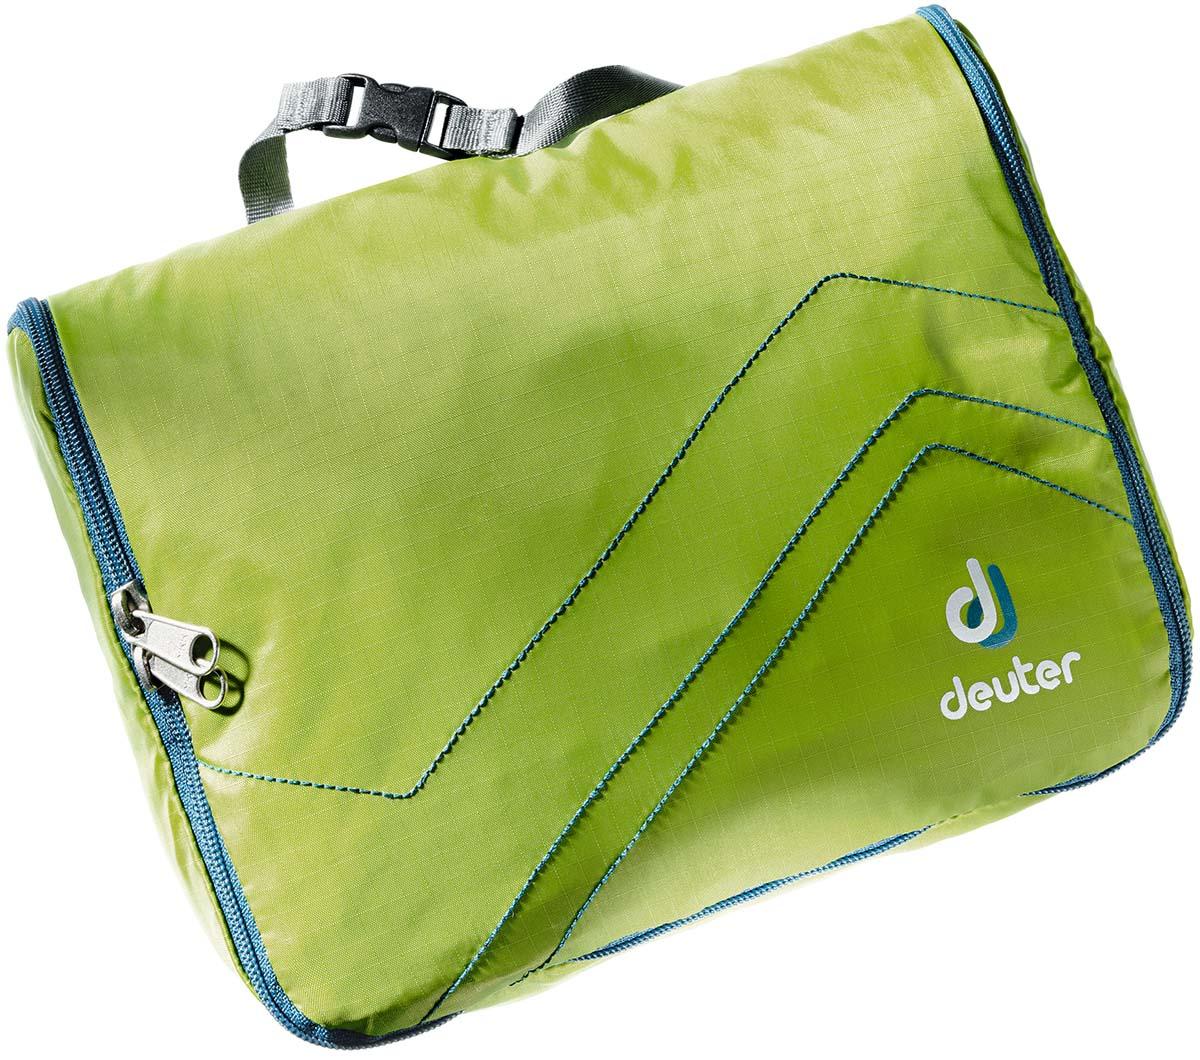 Косметичка Deuter Wash Center Lite I, цвет: темно-зеленый, серо-голубой, 15 см х 22 см х 6 см